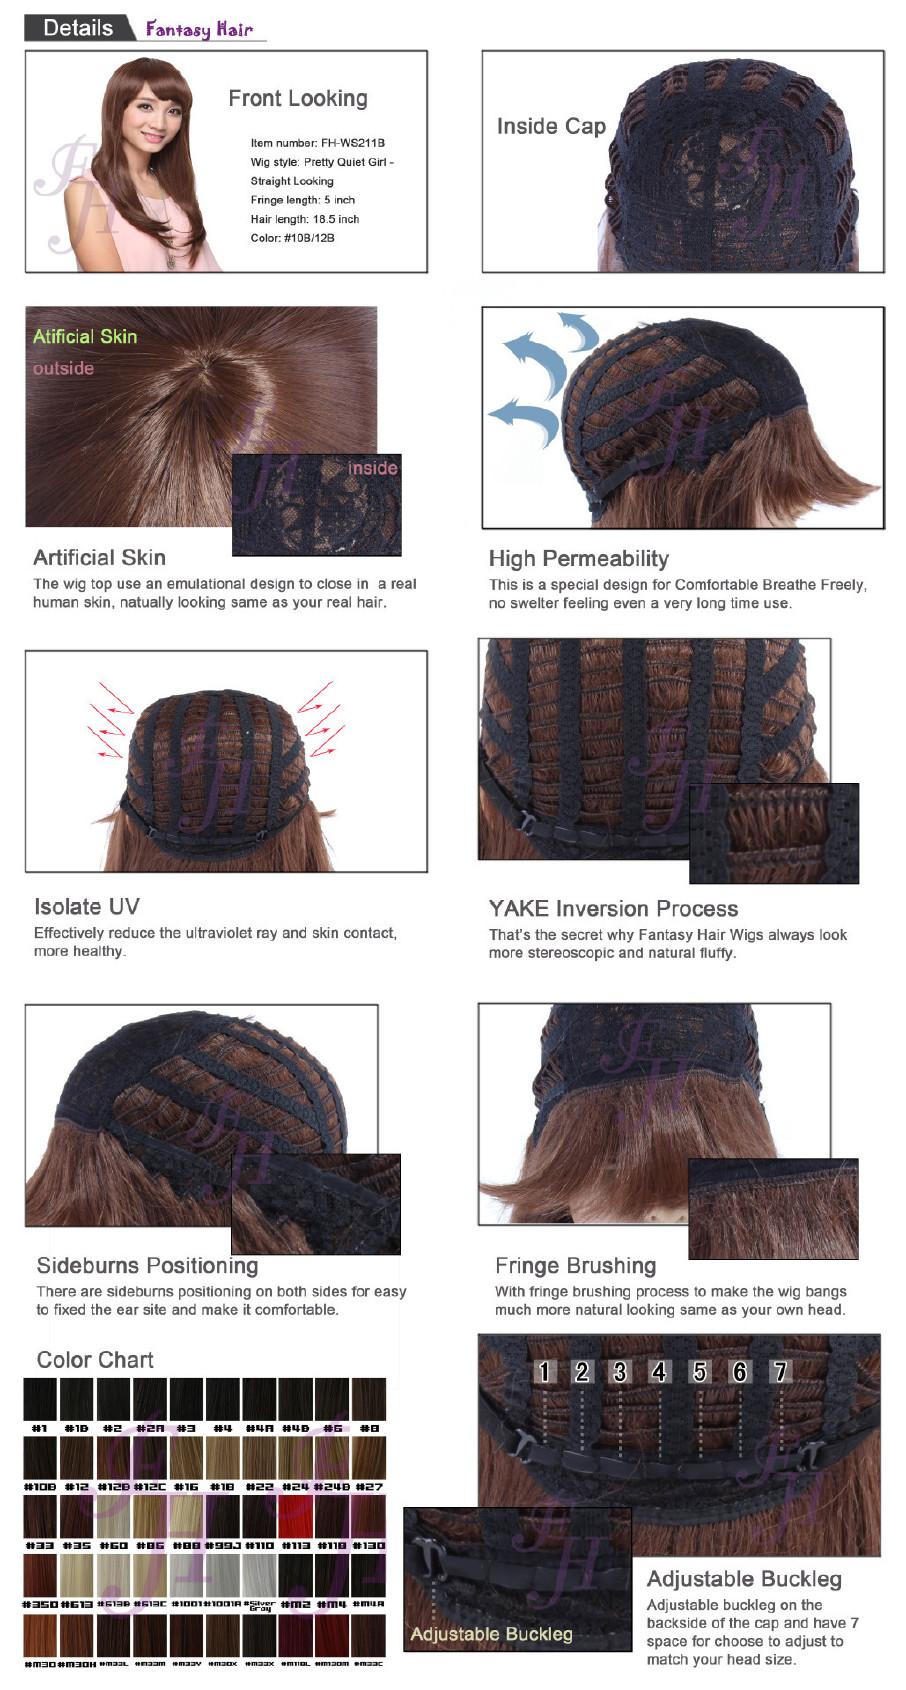 短发 产品颜色:多色相间 产品特点:逼真设计, 易打理,爱性必备发型